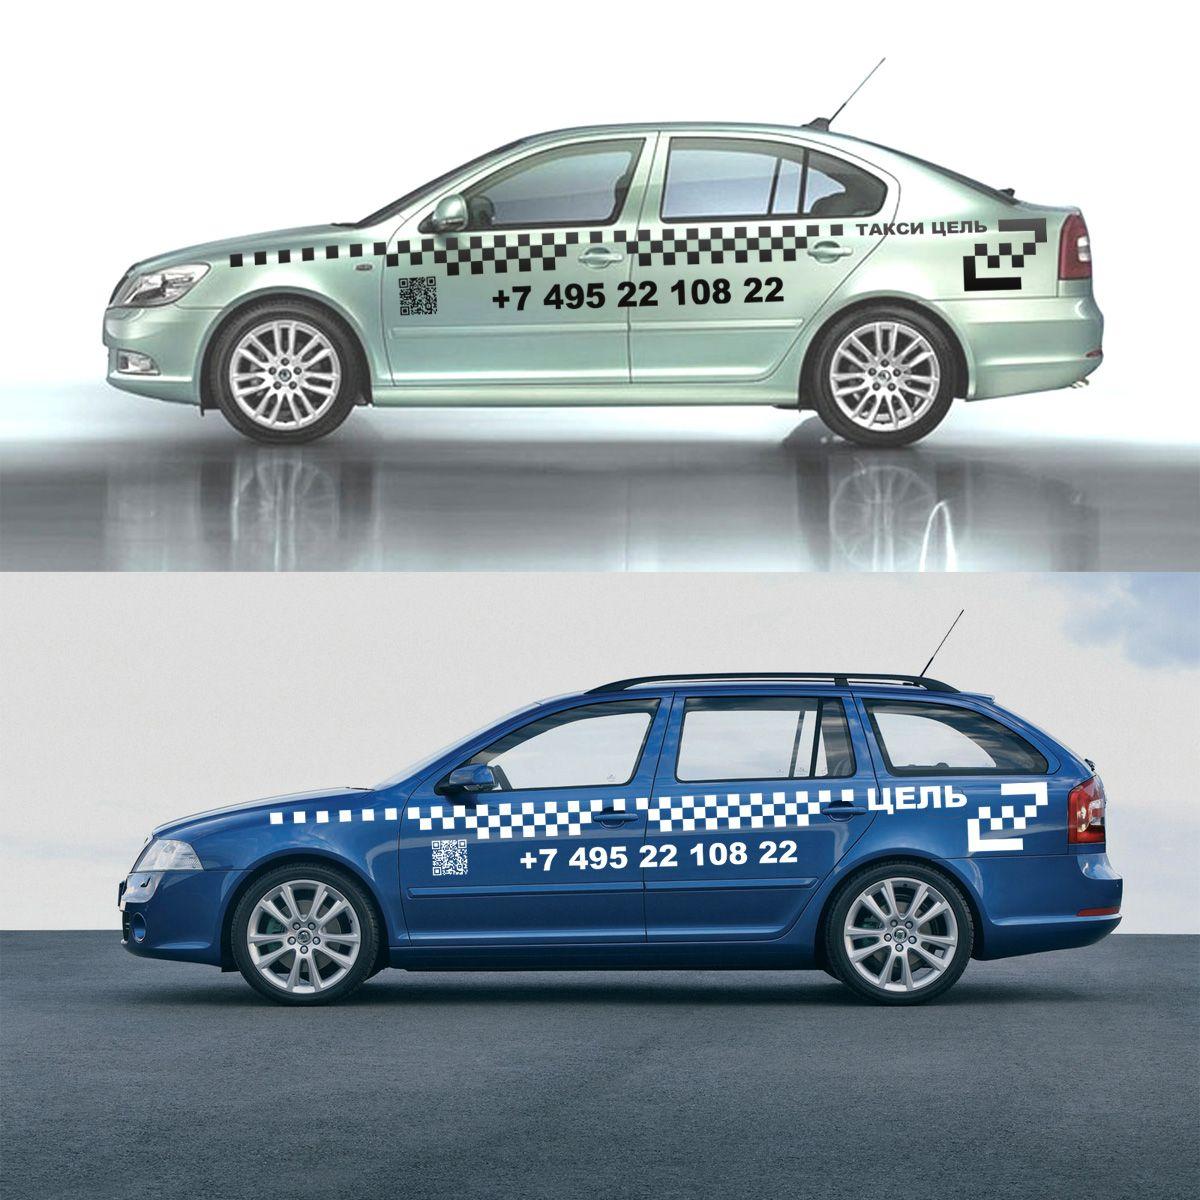 Рекламное оформление автомобиля такси - дизайнер stason2008